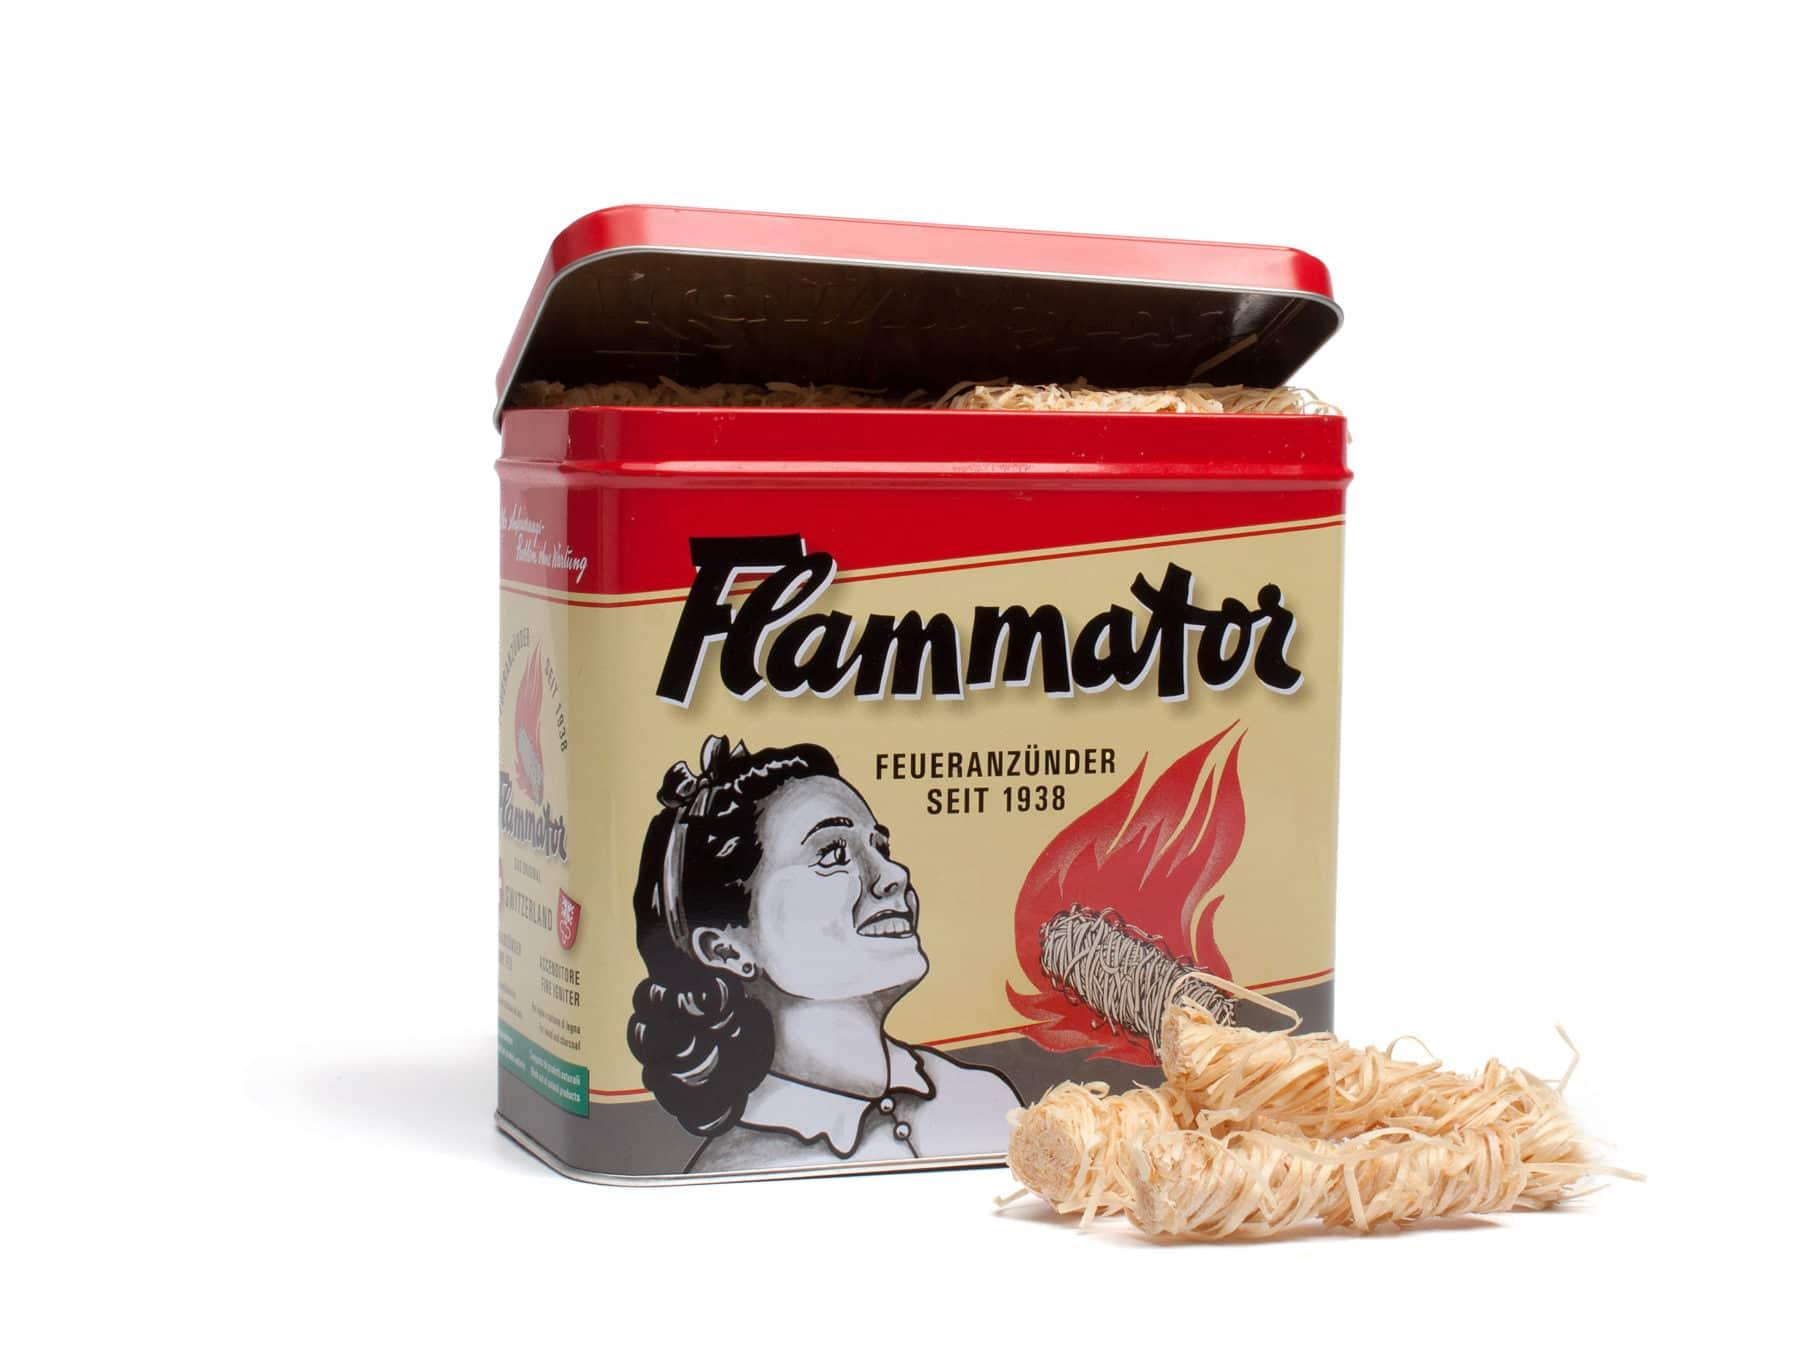 Anzuendhilfe Flammator Anzuendhilfen Schweiz Nostalgiebox KURTS.ch